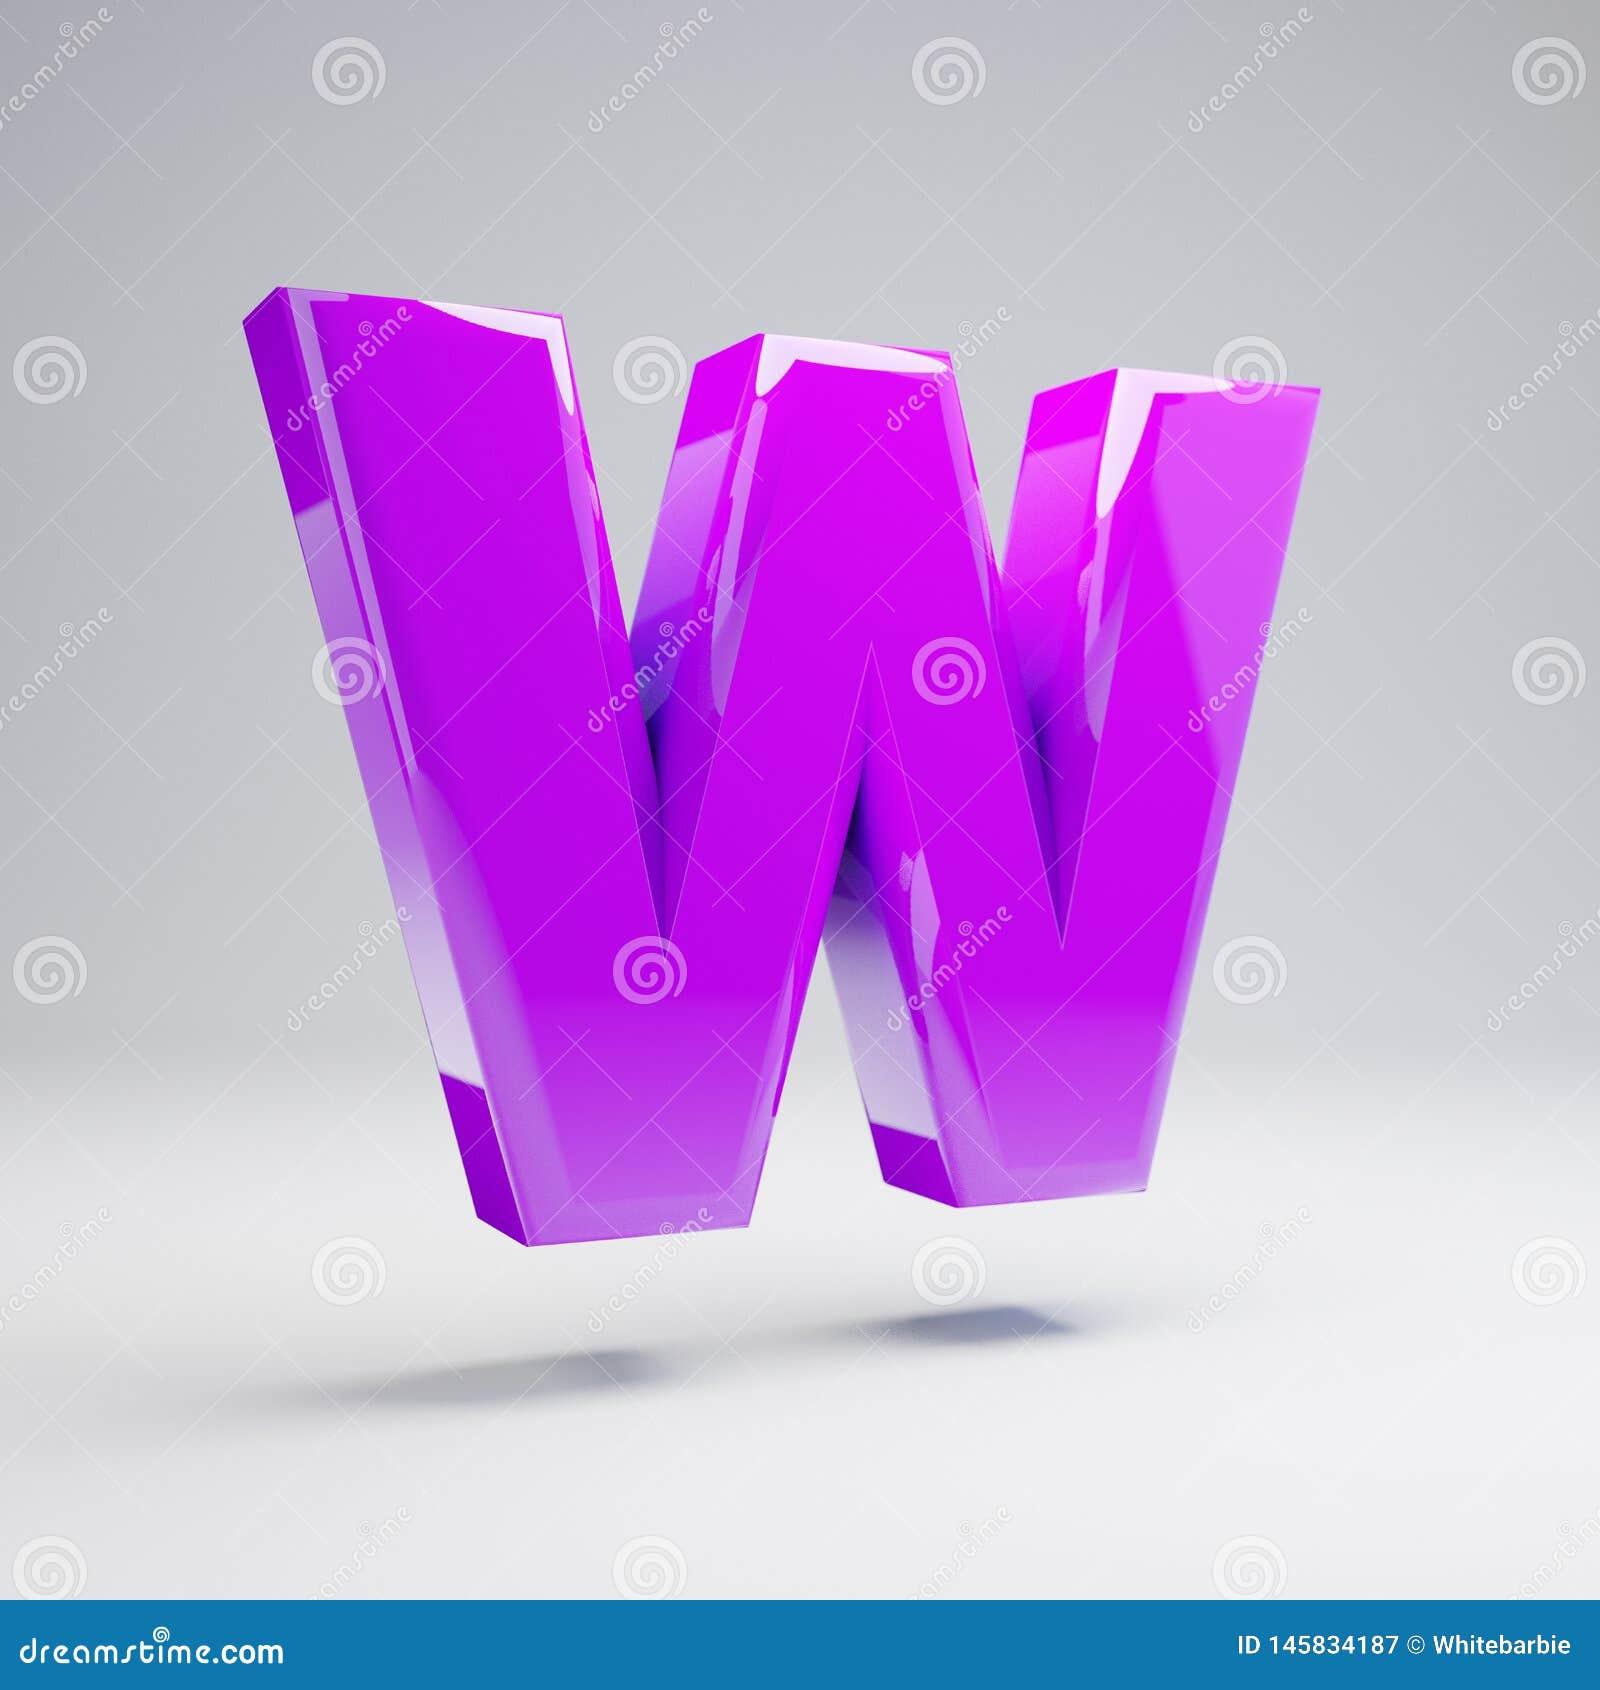 容量光滑的在白色背景W隔绝的紫罗兰大写字目